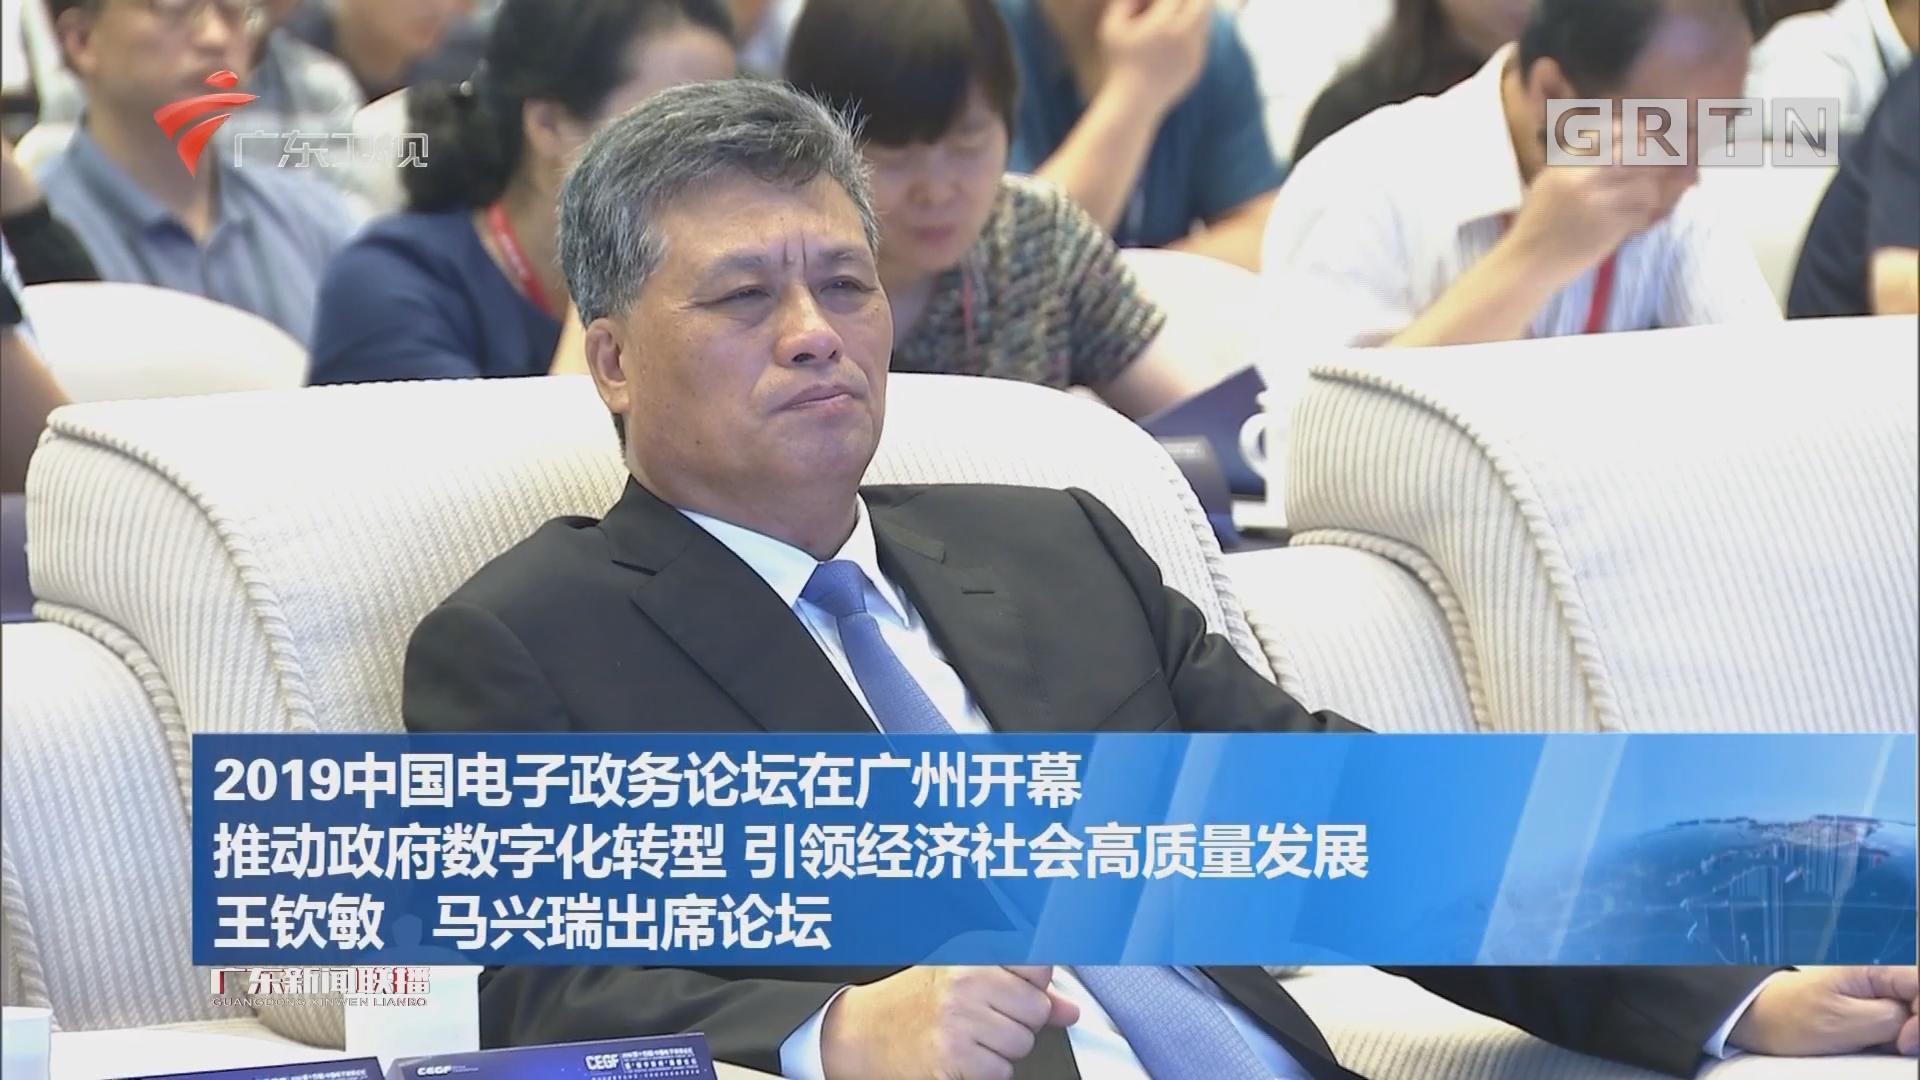 2019中国电子政务论坛在广州开幕 推动政府数字化转型 引领经济社会高质量发展 王钦敏 马兴瑞出席论坛